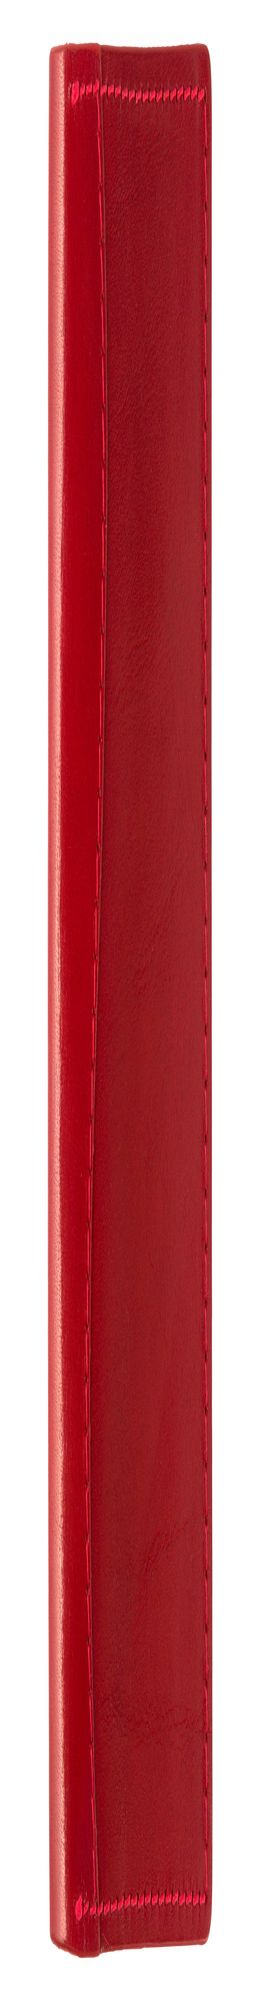 Обложка для паспорта Exclusive, красная фото